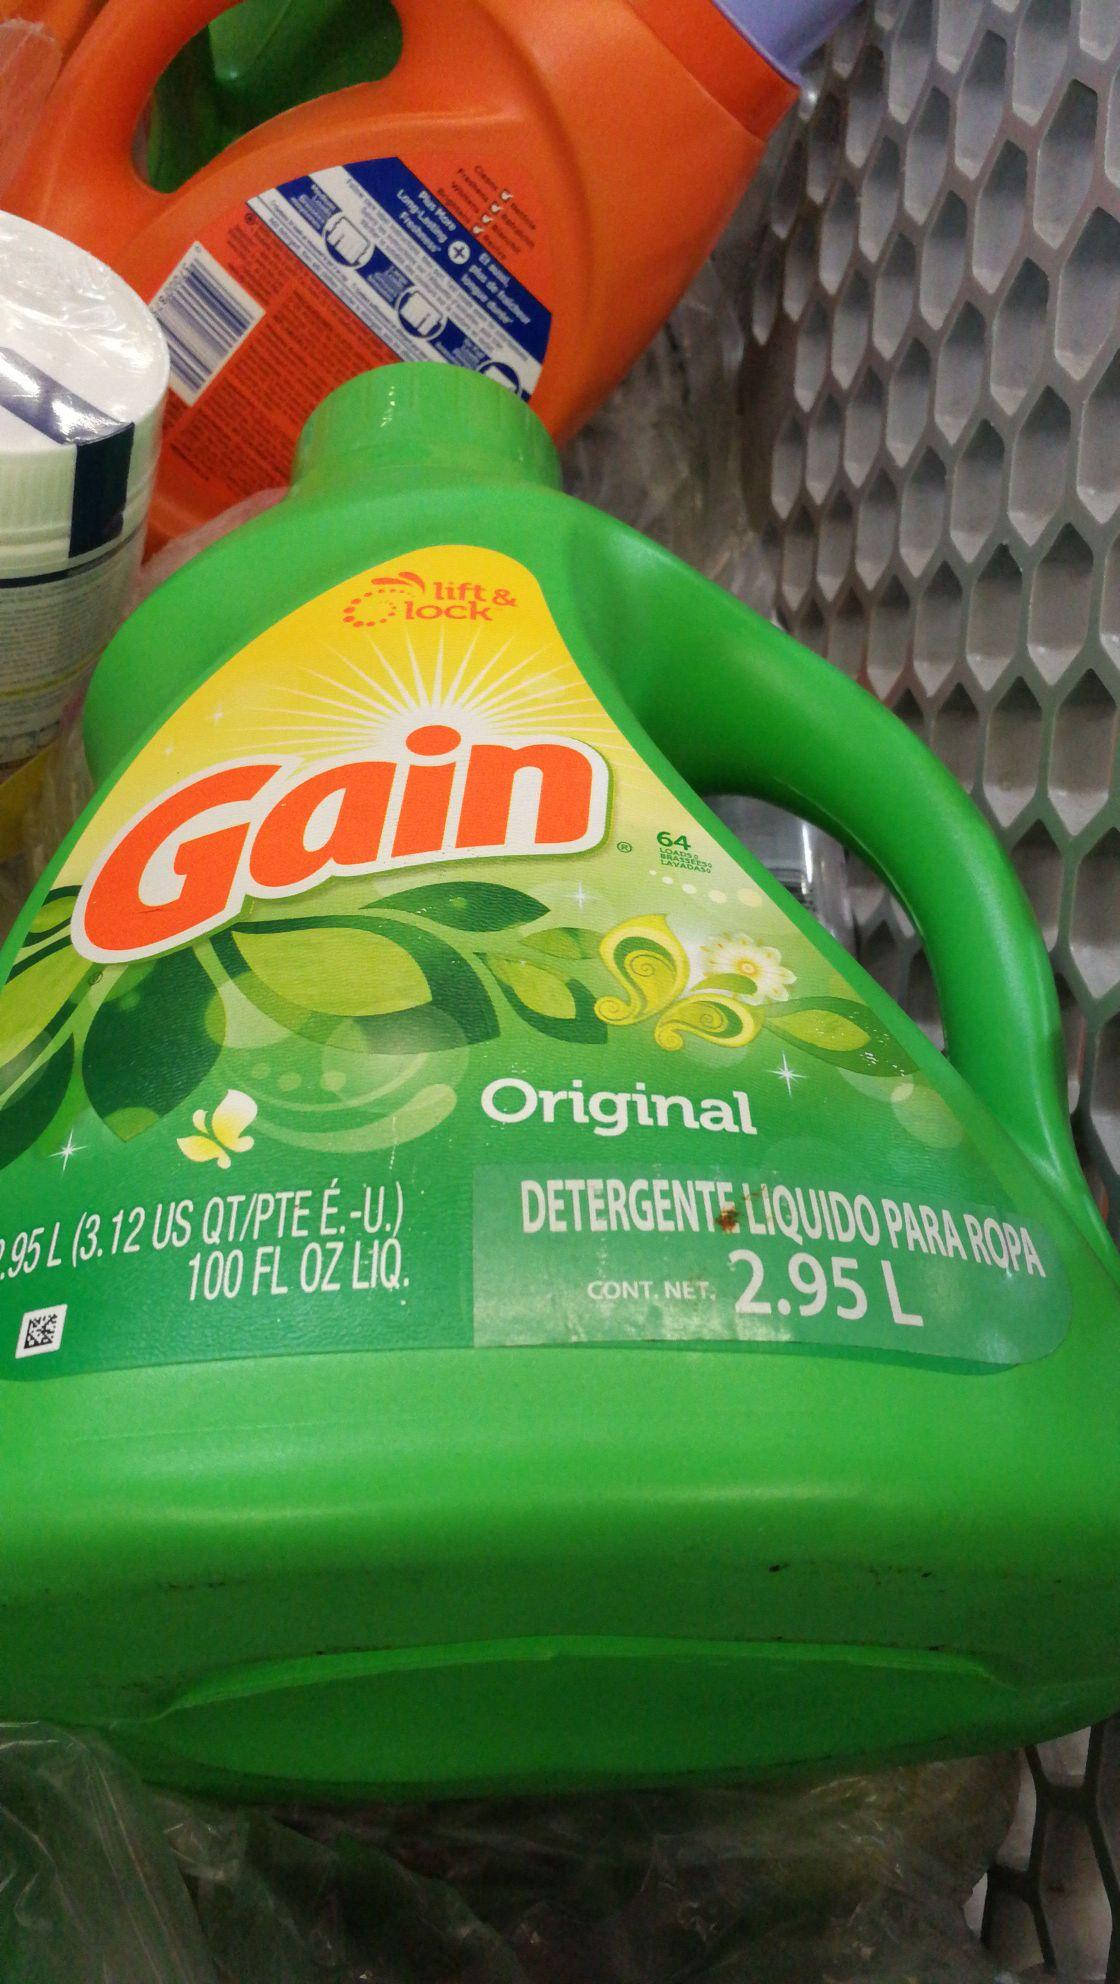 Walmart Cd Carmen: Detergente Gain 2.95L a $53.01